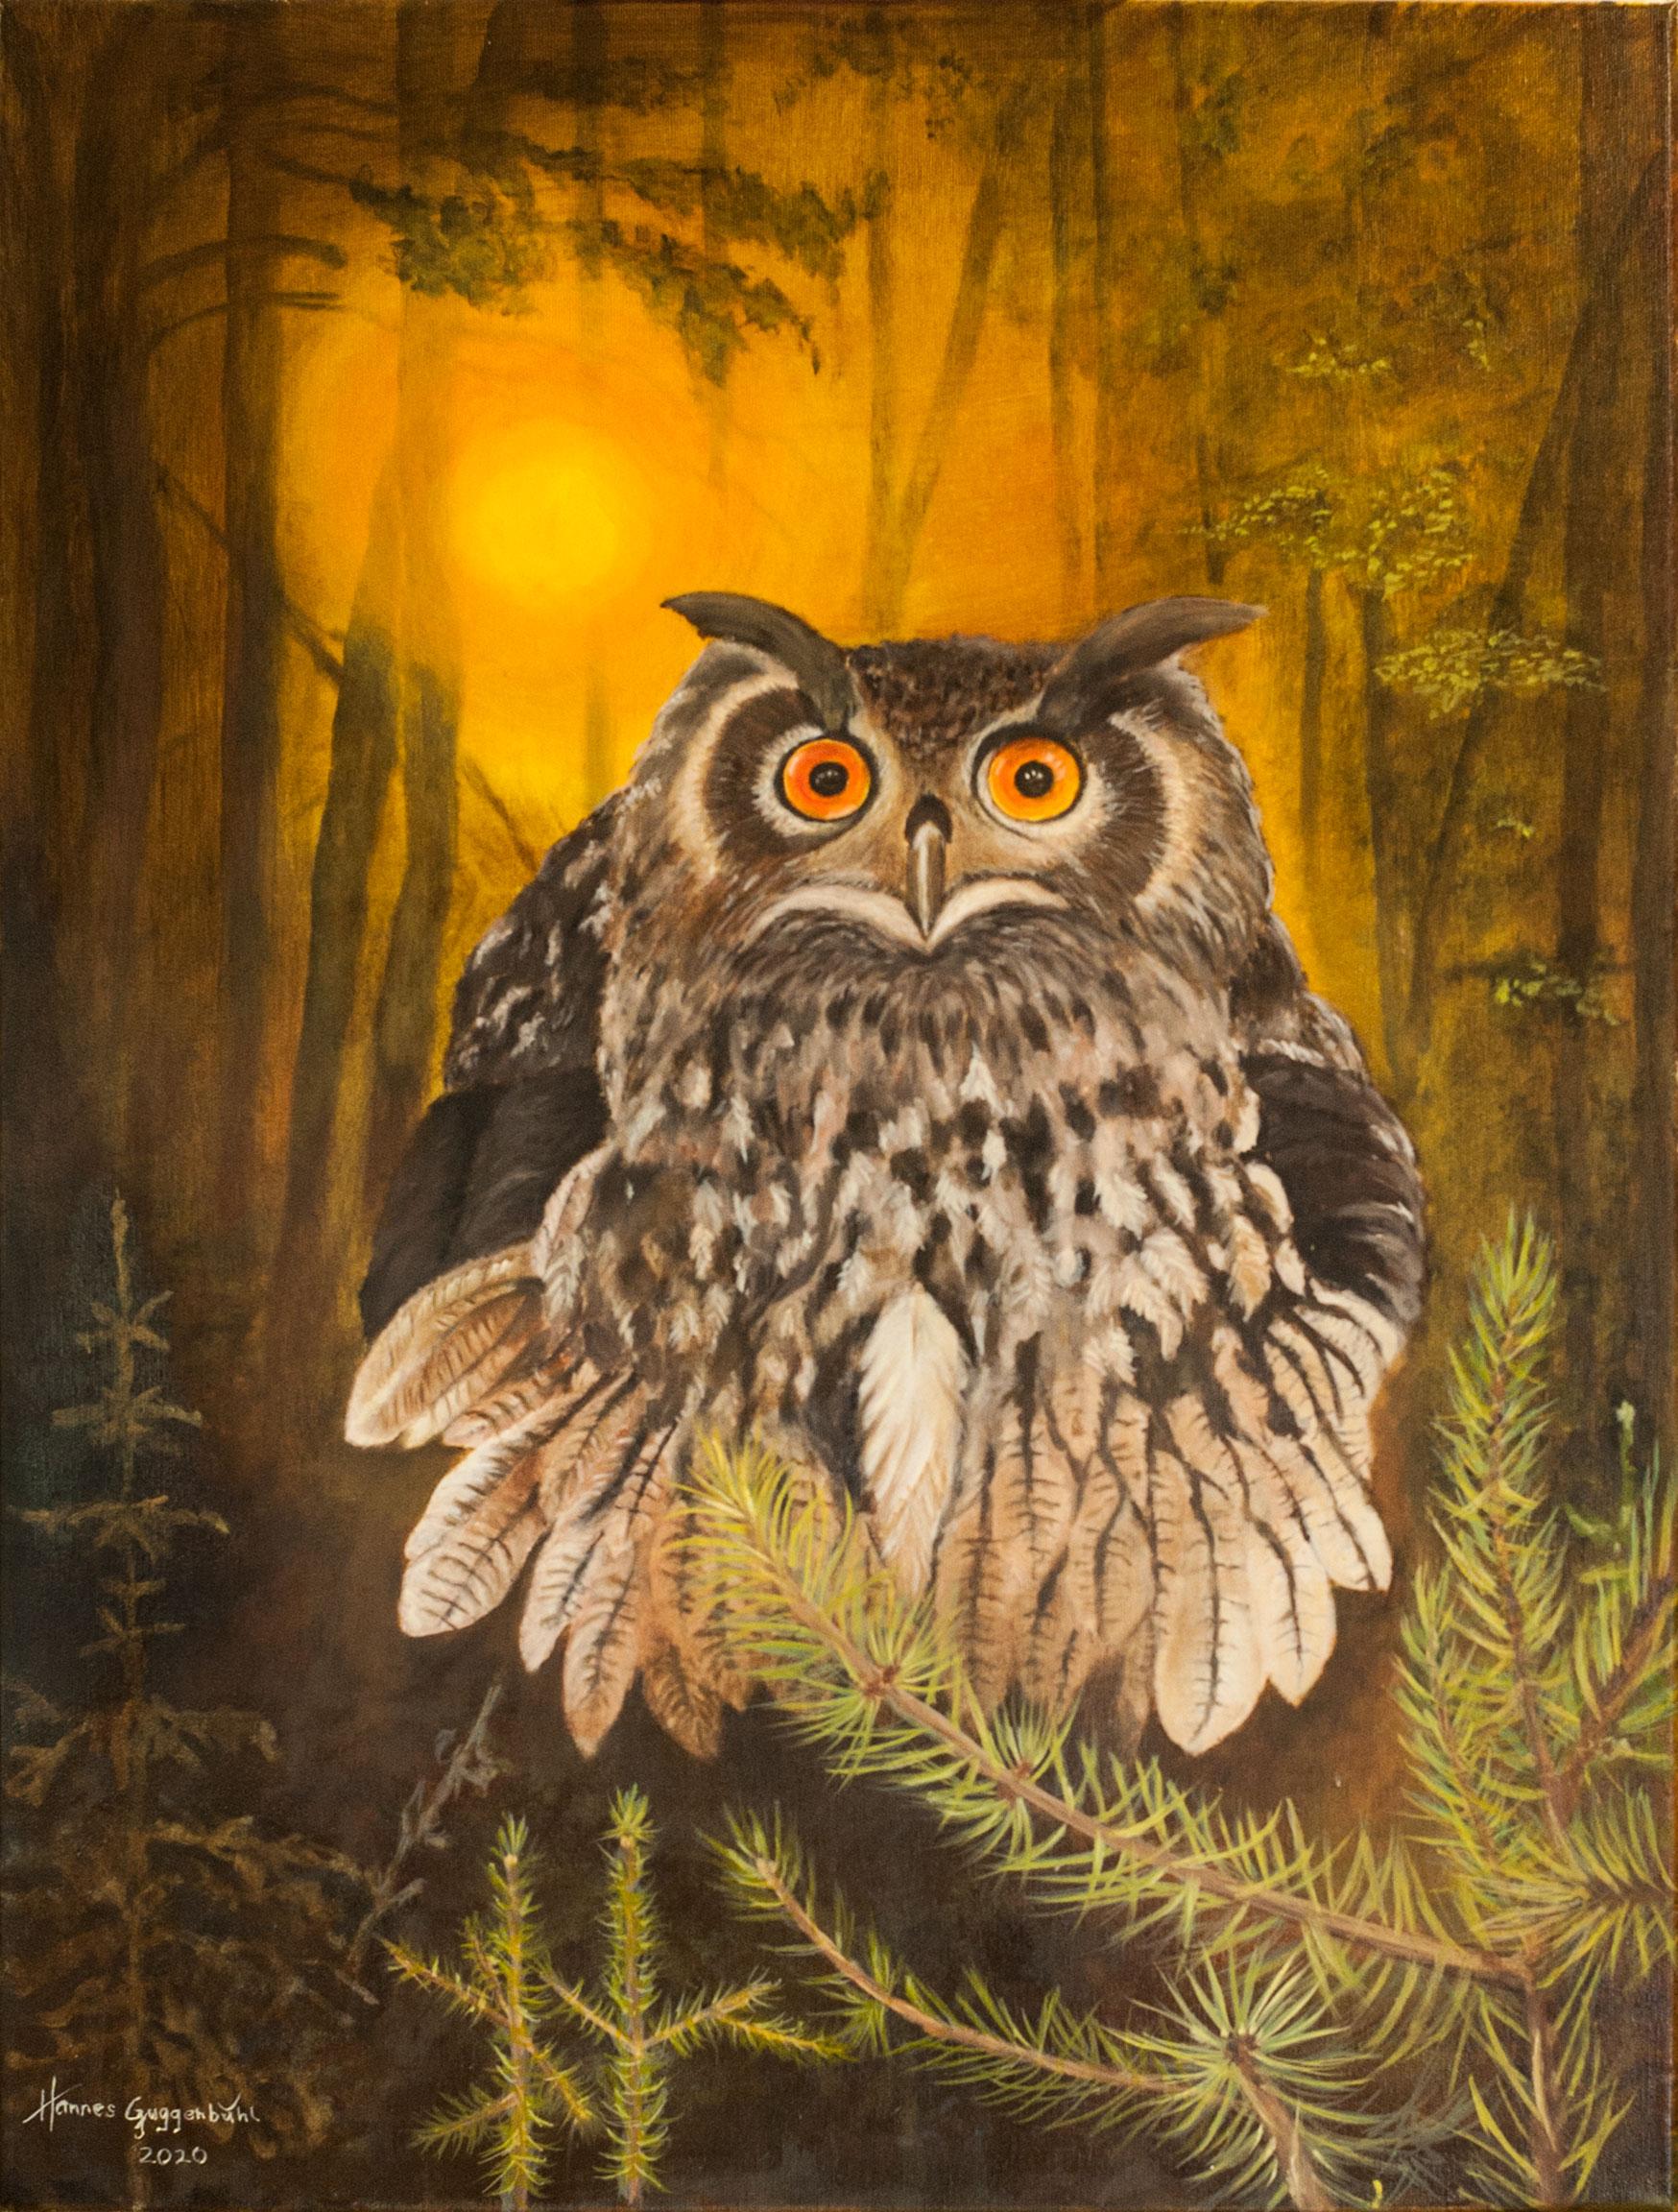 Uhu - Eule - OWL